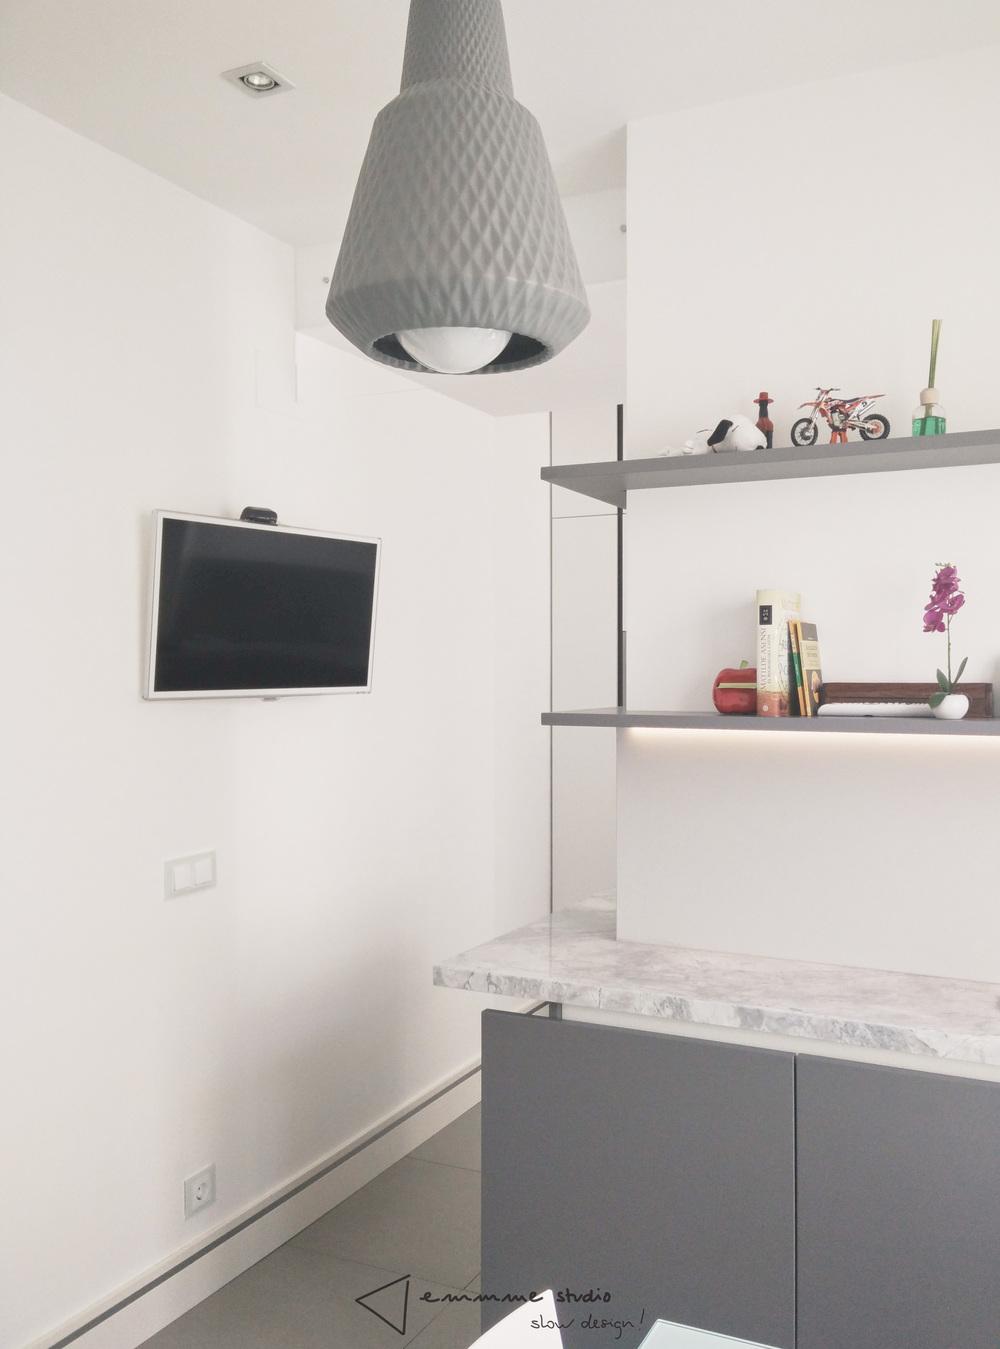 emmme studio_la cocina de Fernando y Laura_office aparador y baldas.jpg